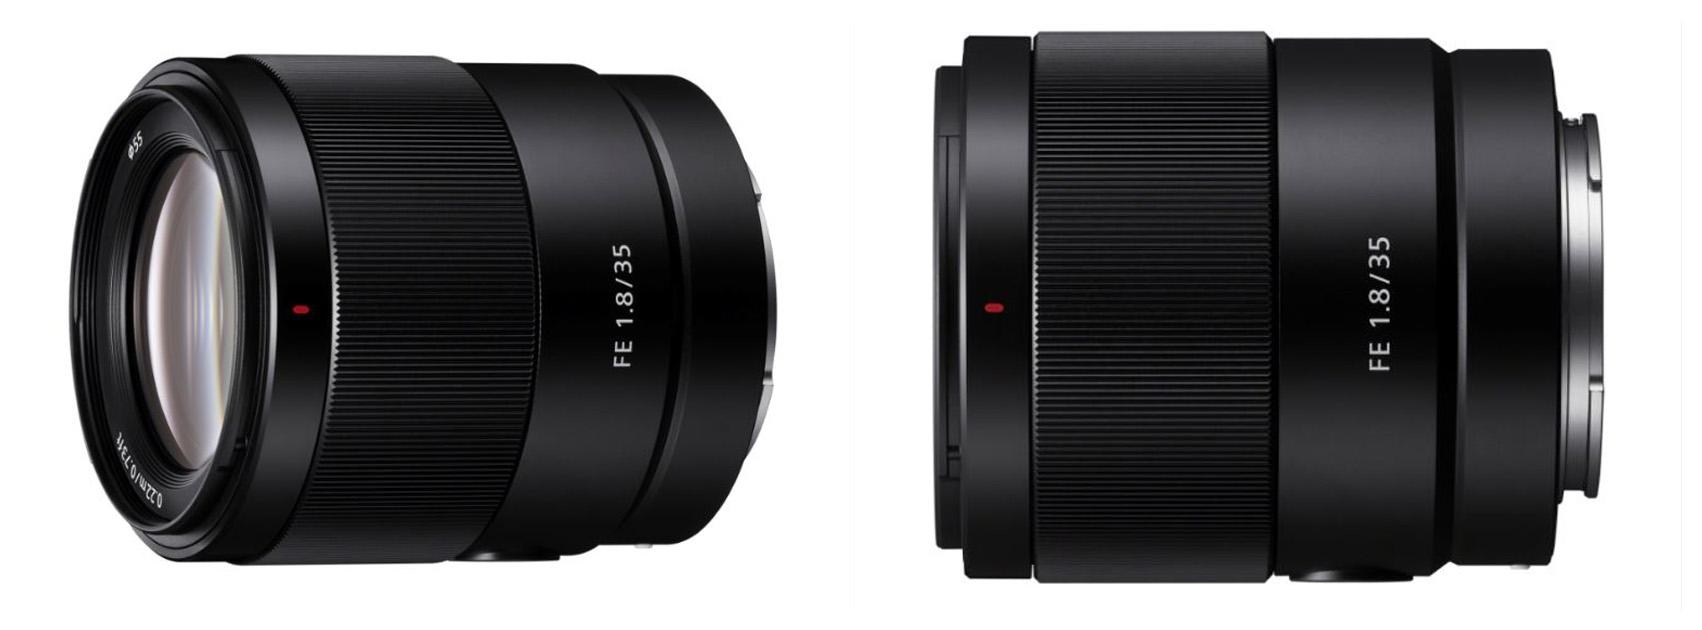 Sony toob augustis turule uue objektiivi hübriidkaameratele: FE 35mm F1.8